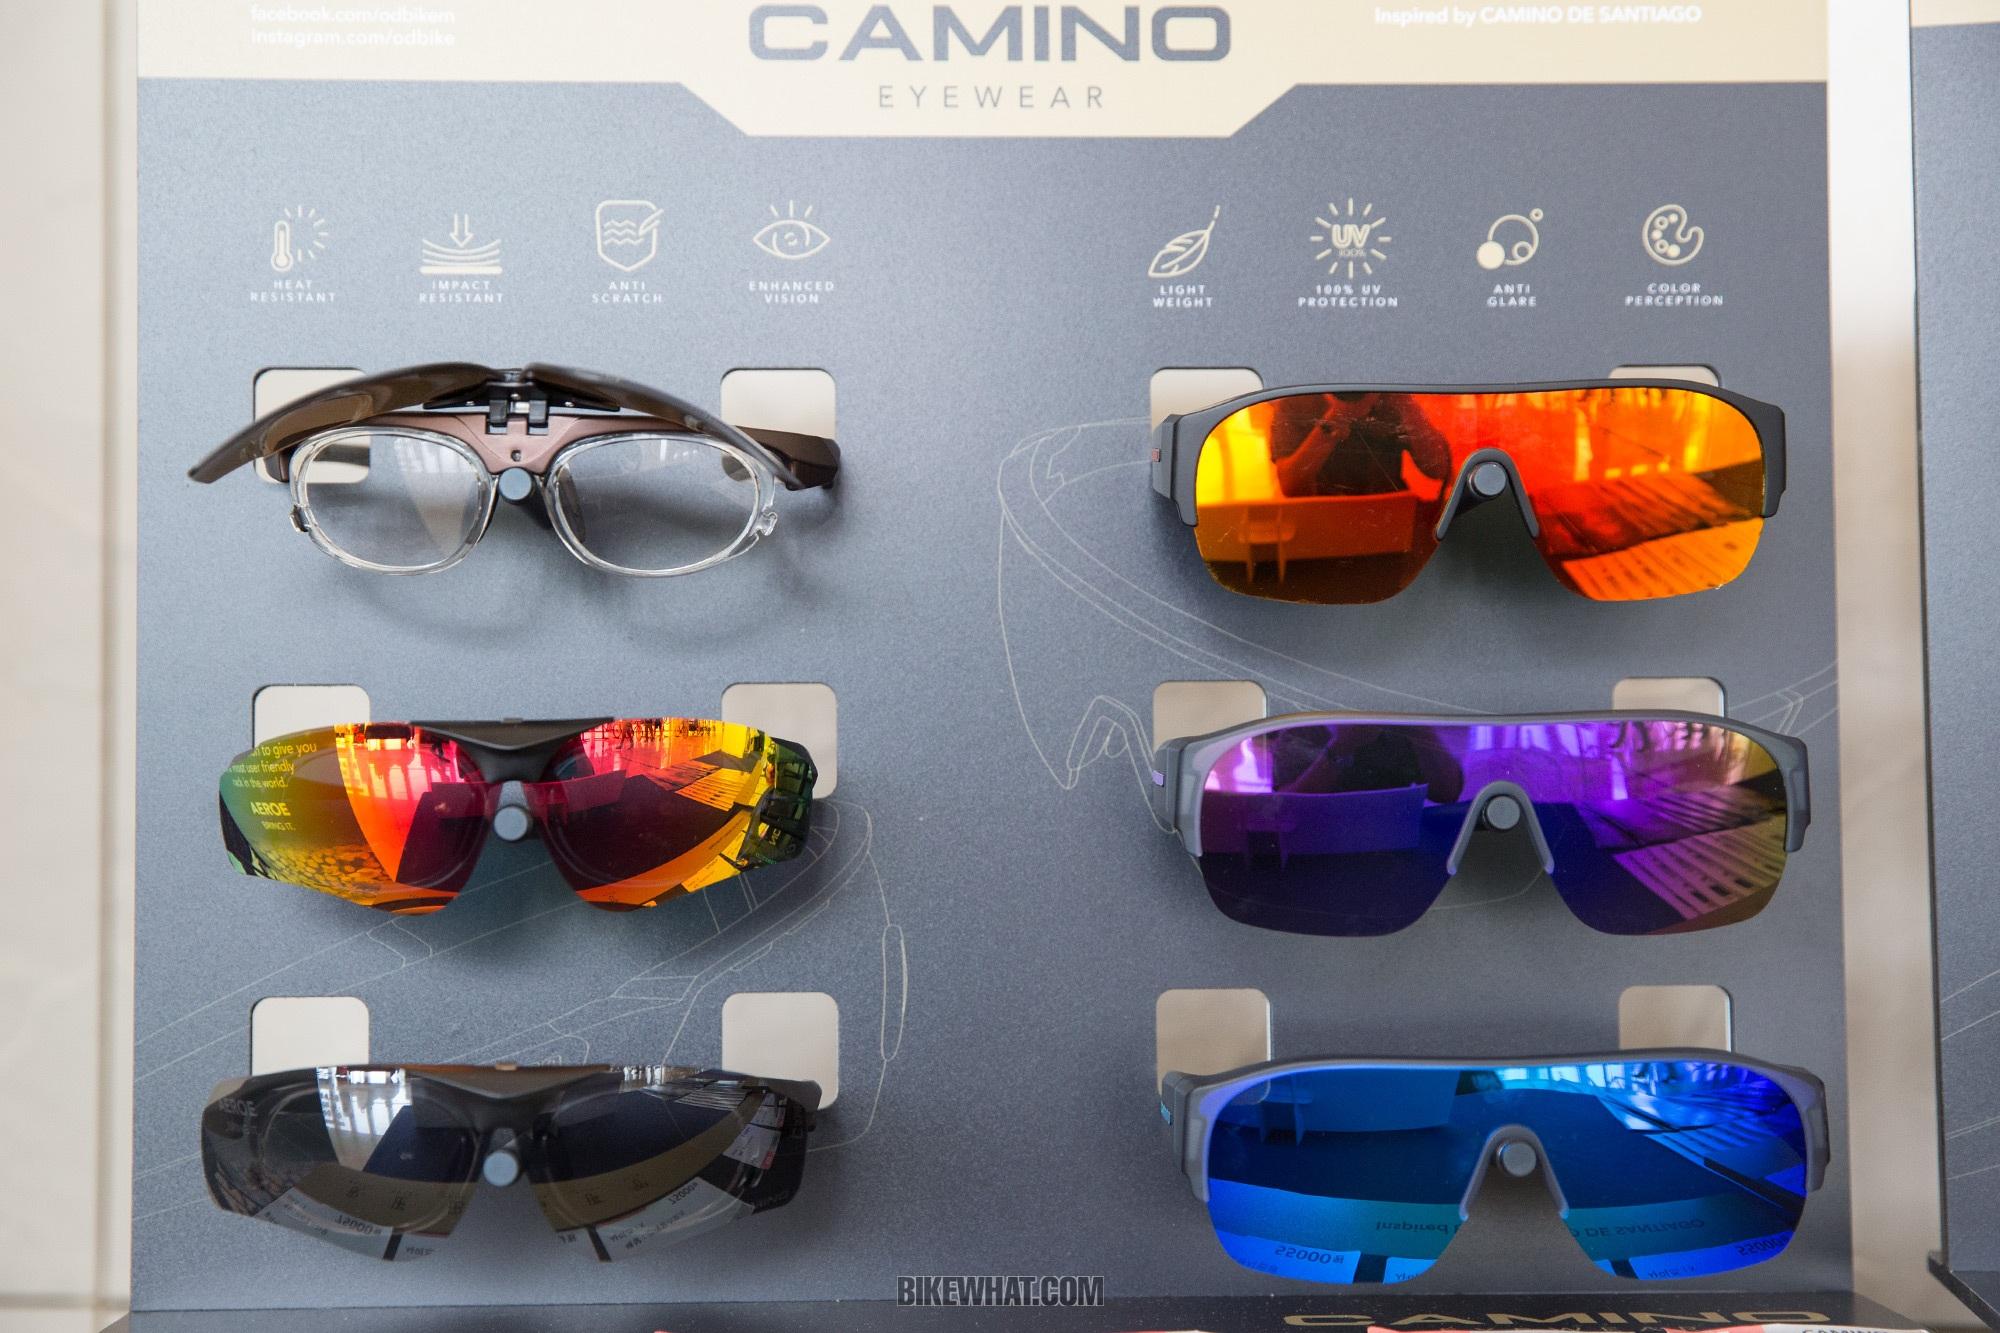 Gear_ODbike_2021_Camino_Eyeware_2.jpg